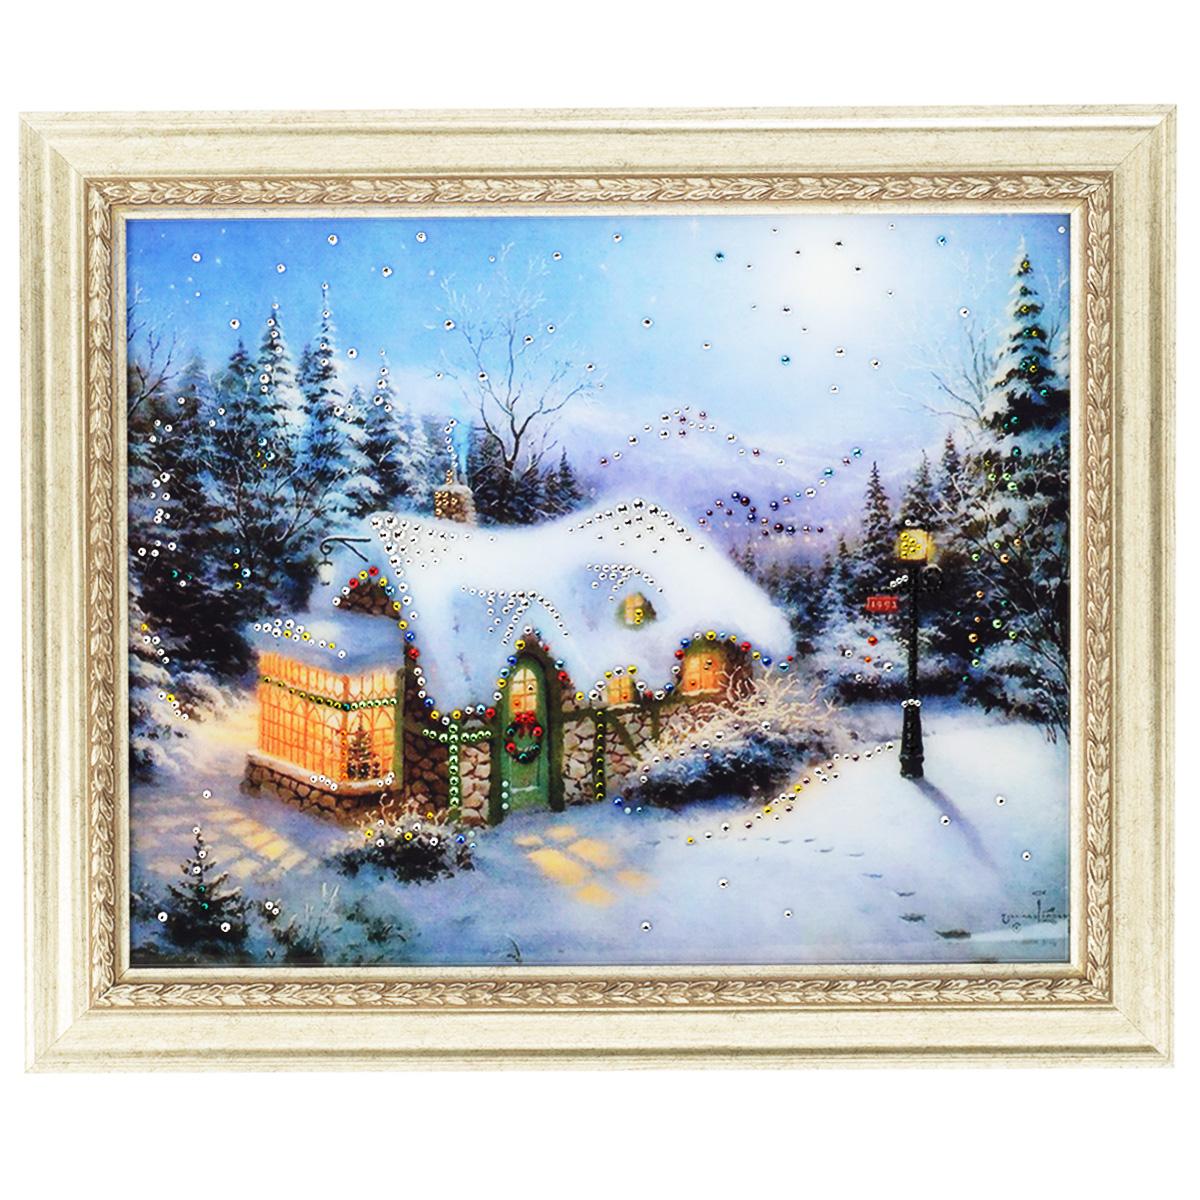 Картина с кристаллами Swarovski Рождество, 60 х 50 см1262Изящная картина в багетной раме, инкрустирована кристаллами Swarovski, которые отличаются четкой и ровной огранкой, ярким блеском и чистотой цвета. Красочное изображение рождественского домика, расположенное под стеклом, прекрасно дополняет блеск кристаллов. С обратной стороны имеется металлическая проволока для размещения картины на стене. Картина с кристаллами Swarovski Рождество элегантно украсит интерьер дома или офиса, а также станет прекрасным подарком, который обязательно понравится получателю. Блеск кристаллов в интерьере, что может быть сказочнее и удивительнее. Картина упакована в подарочную картонную коробку синего цвета и комплектуется сертификатом соответствия Swarovski.